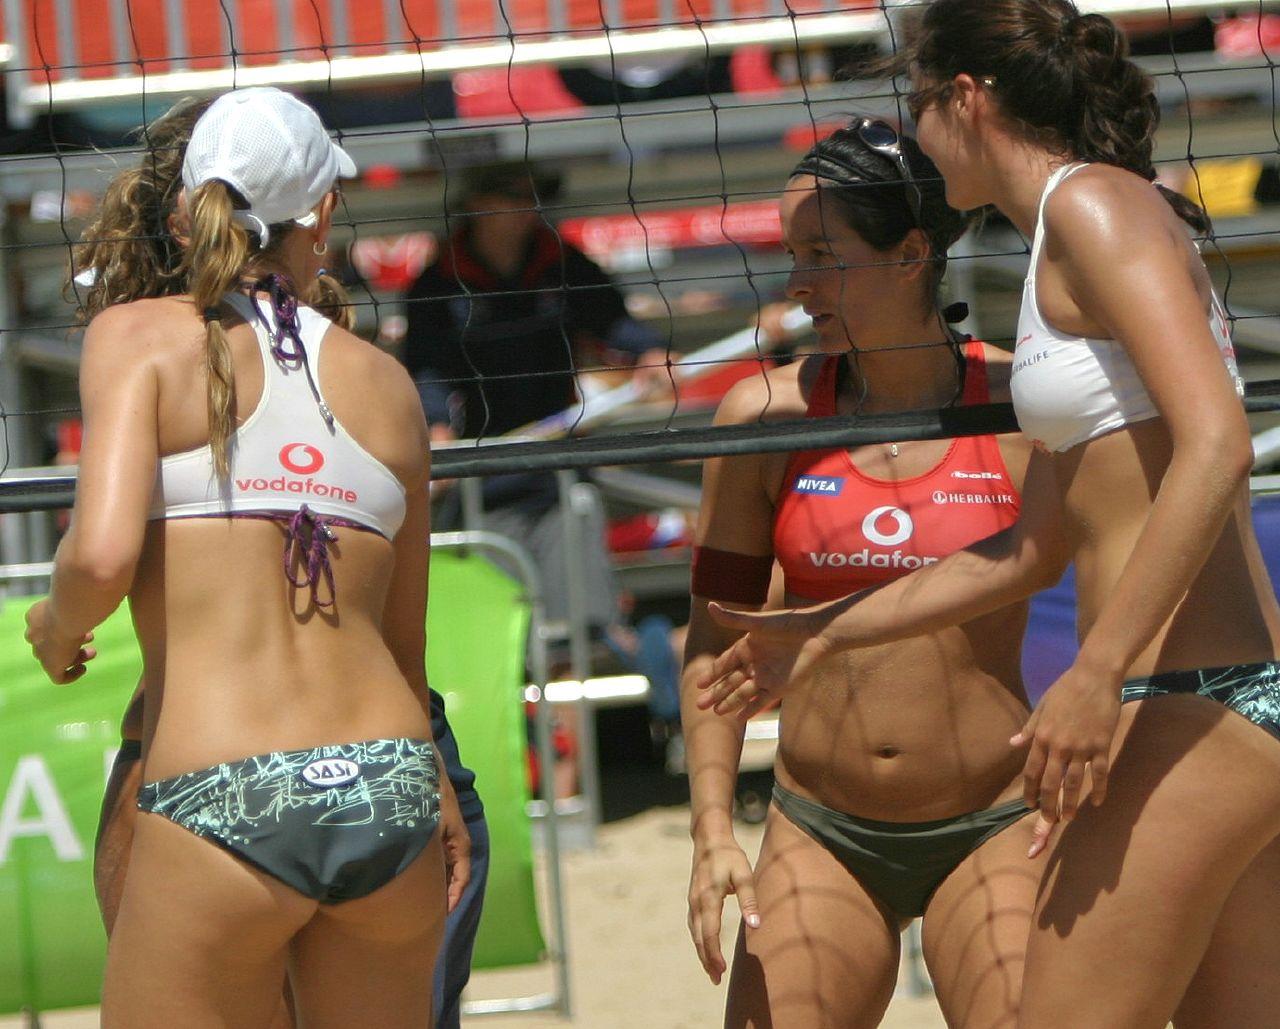 Эротические фото женского пляжного волейбола 22 фотография